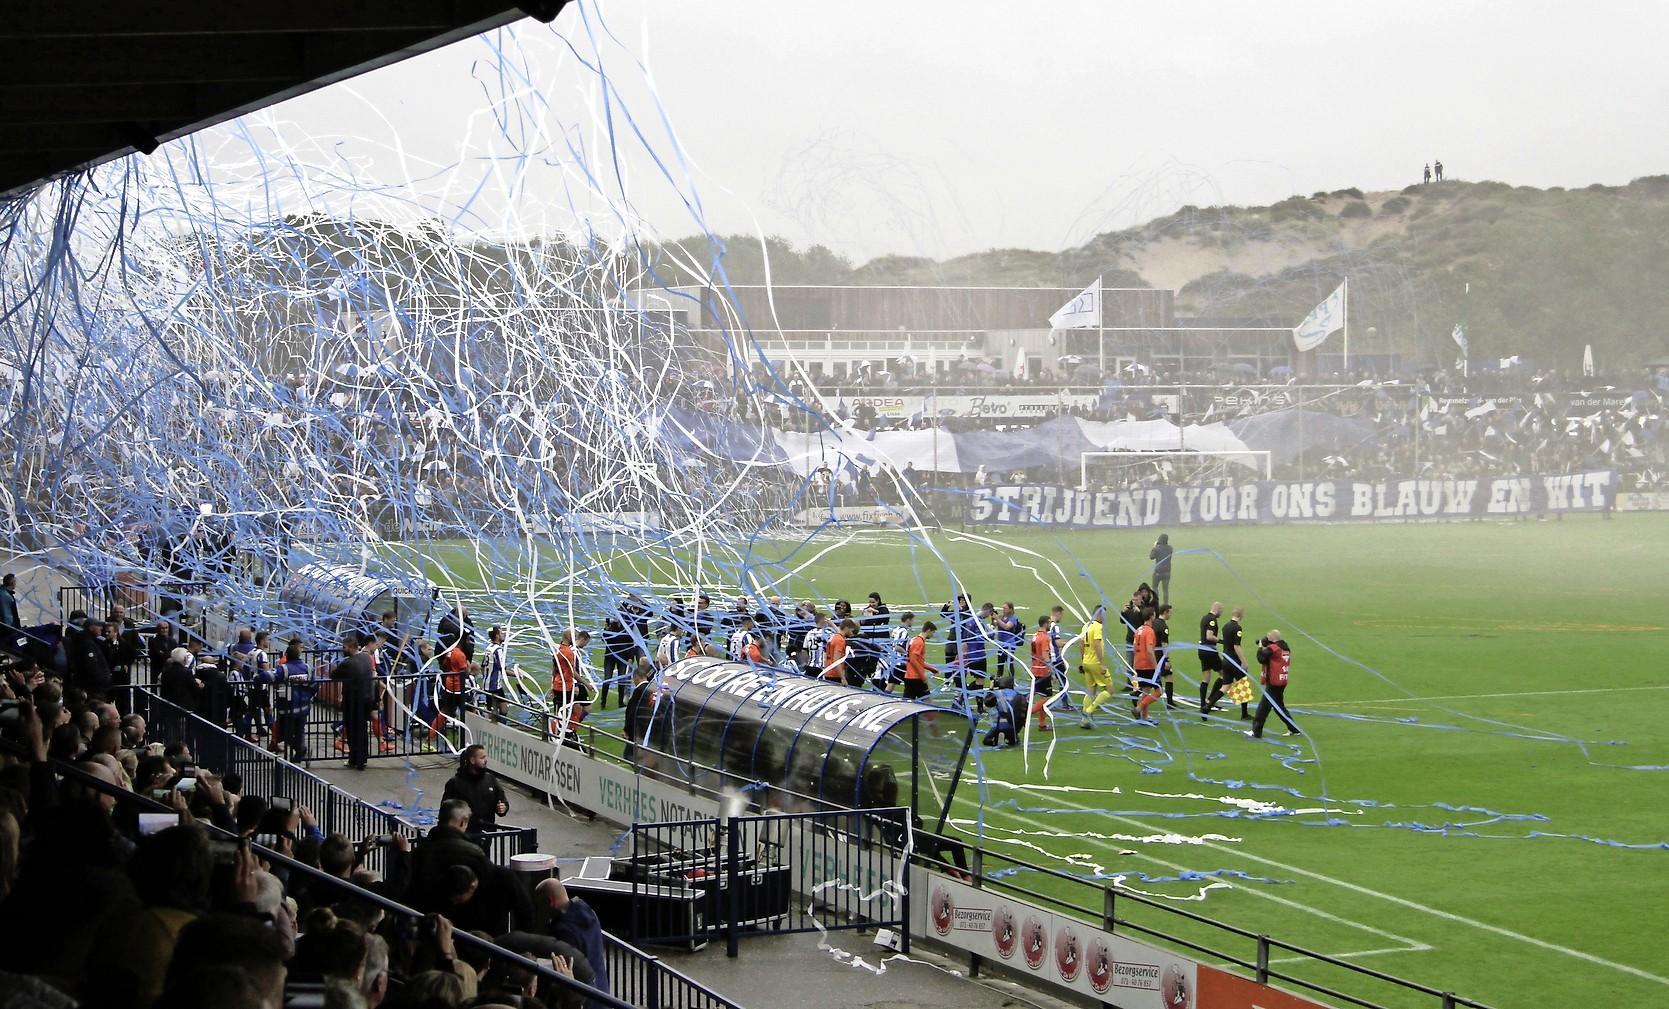 Nieuwe opzet voetbalcompetities in het gedrang, roep van clubs om 'vierde optie' lijkt gehoor te krijgen